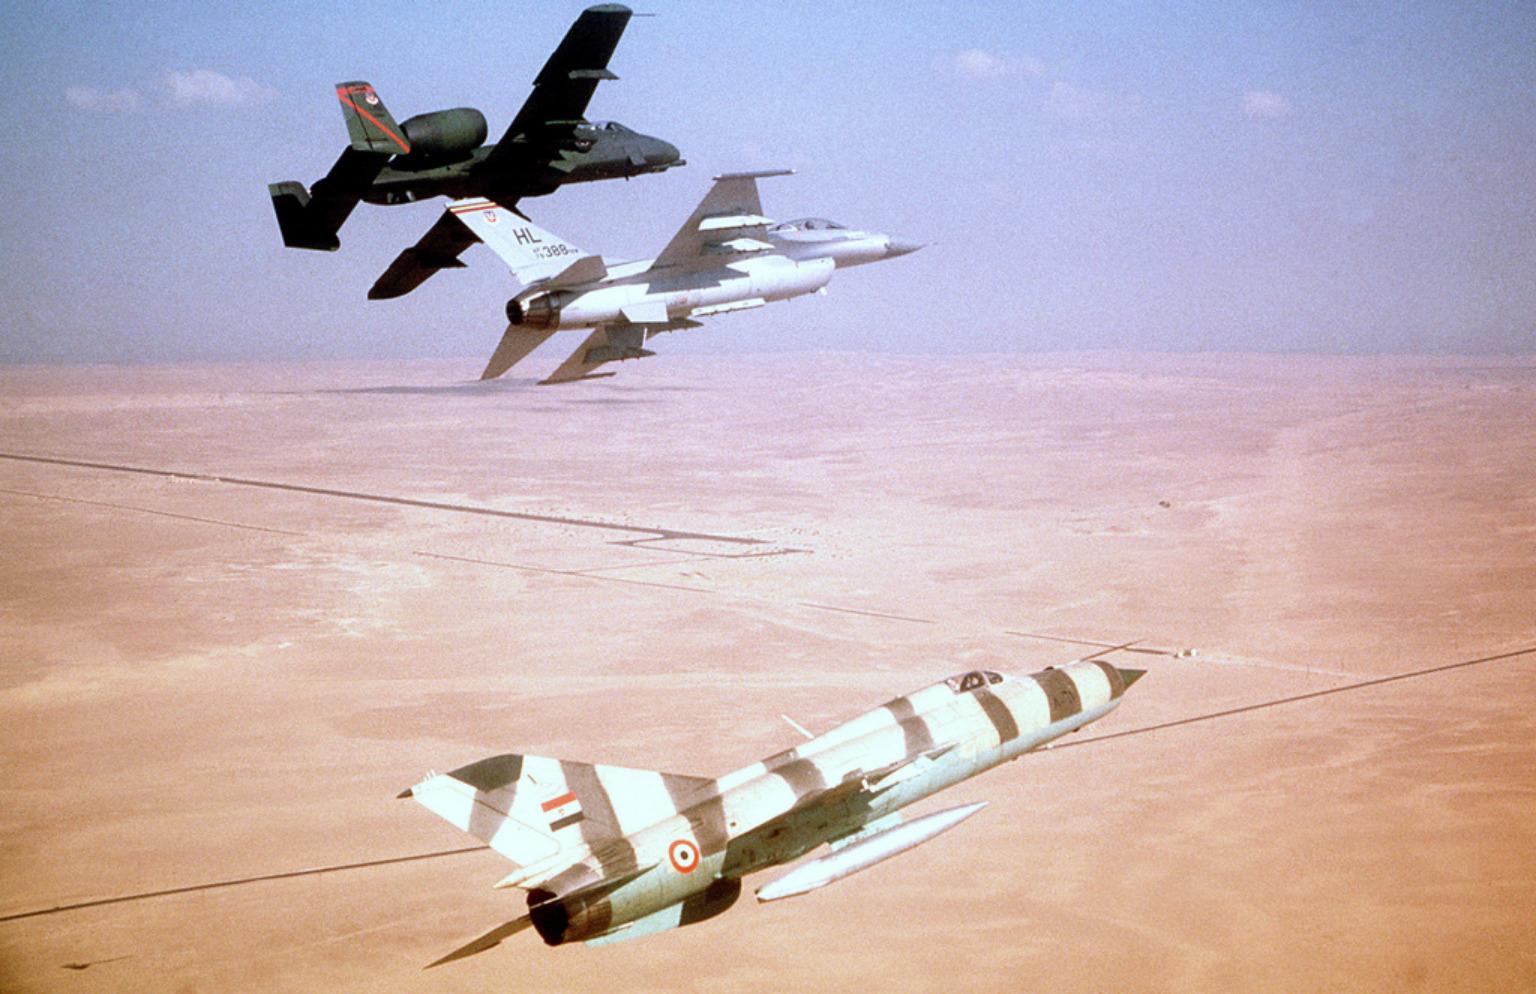 egypt_a-10_thunderbolt_ii_aircraft_an_f-16.jpg